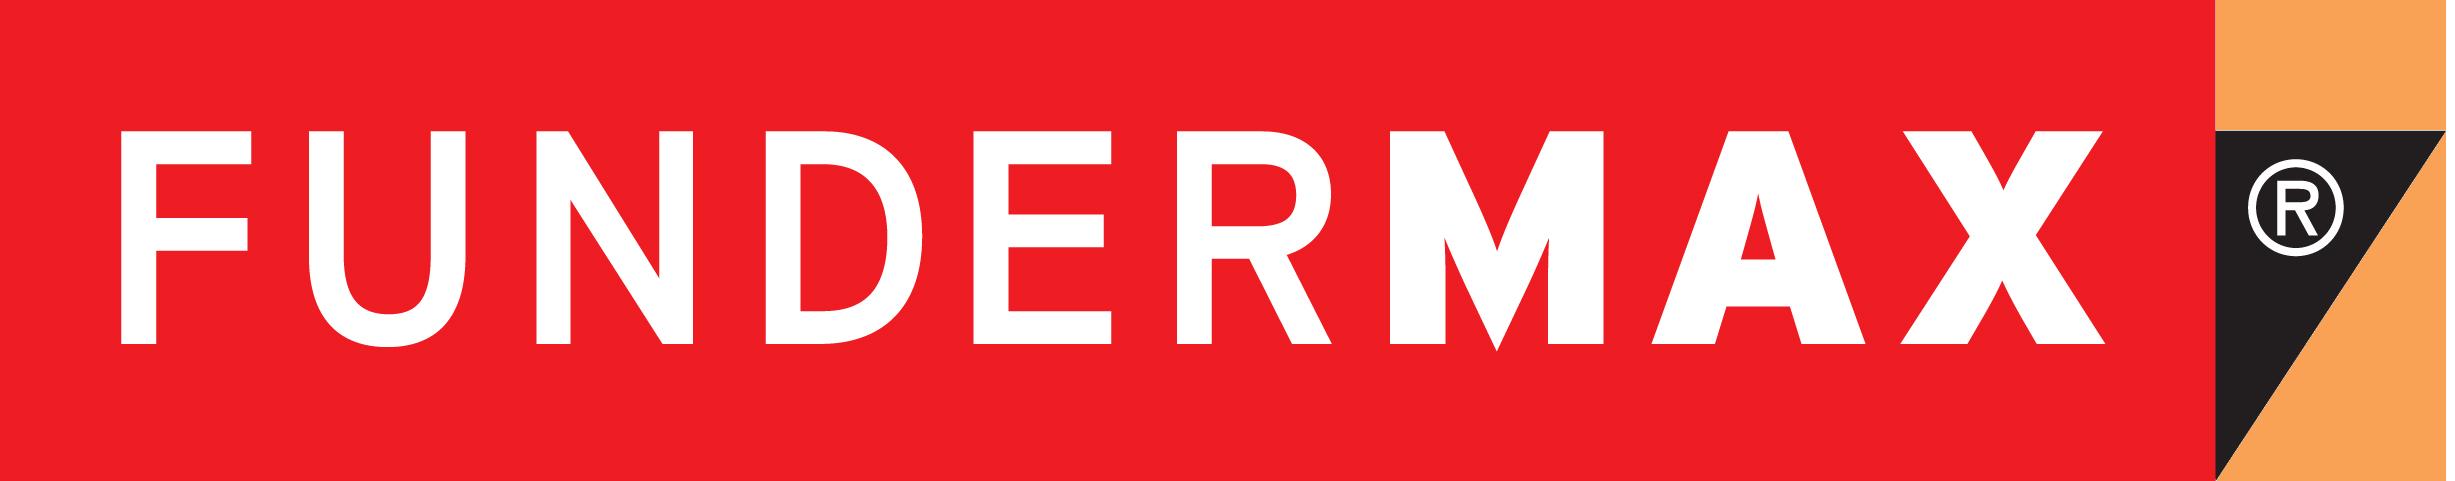 fundermax